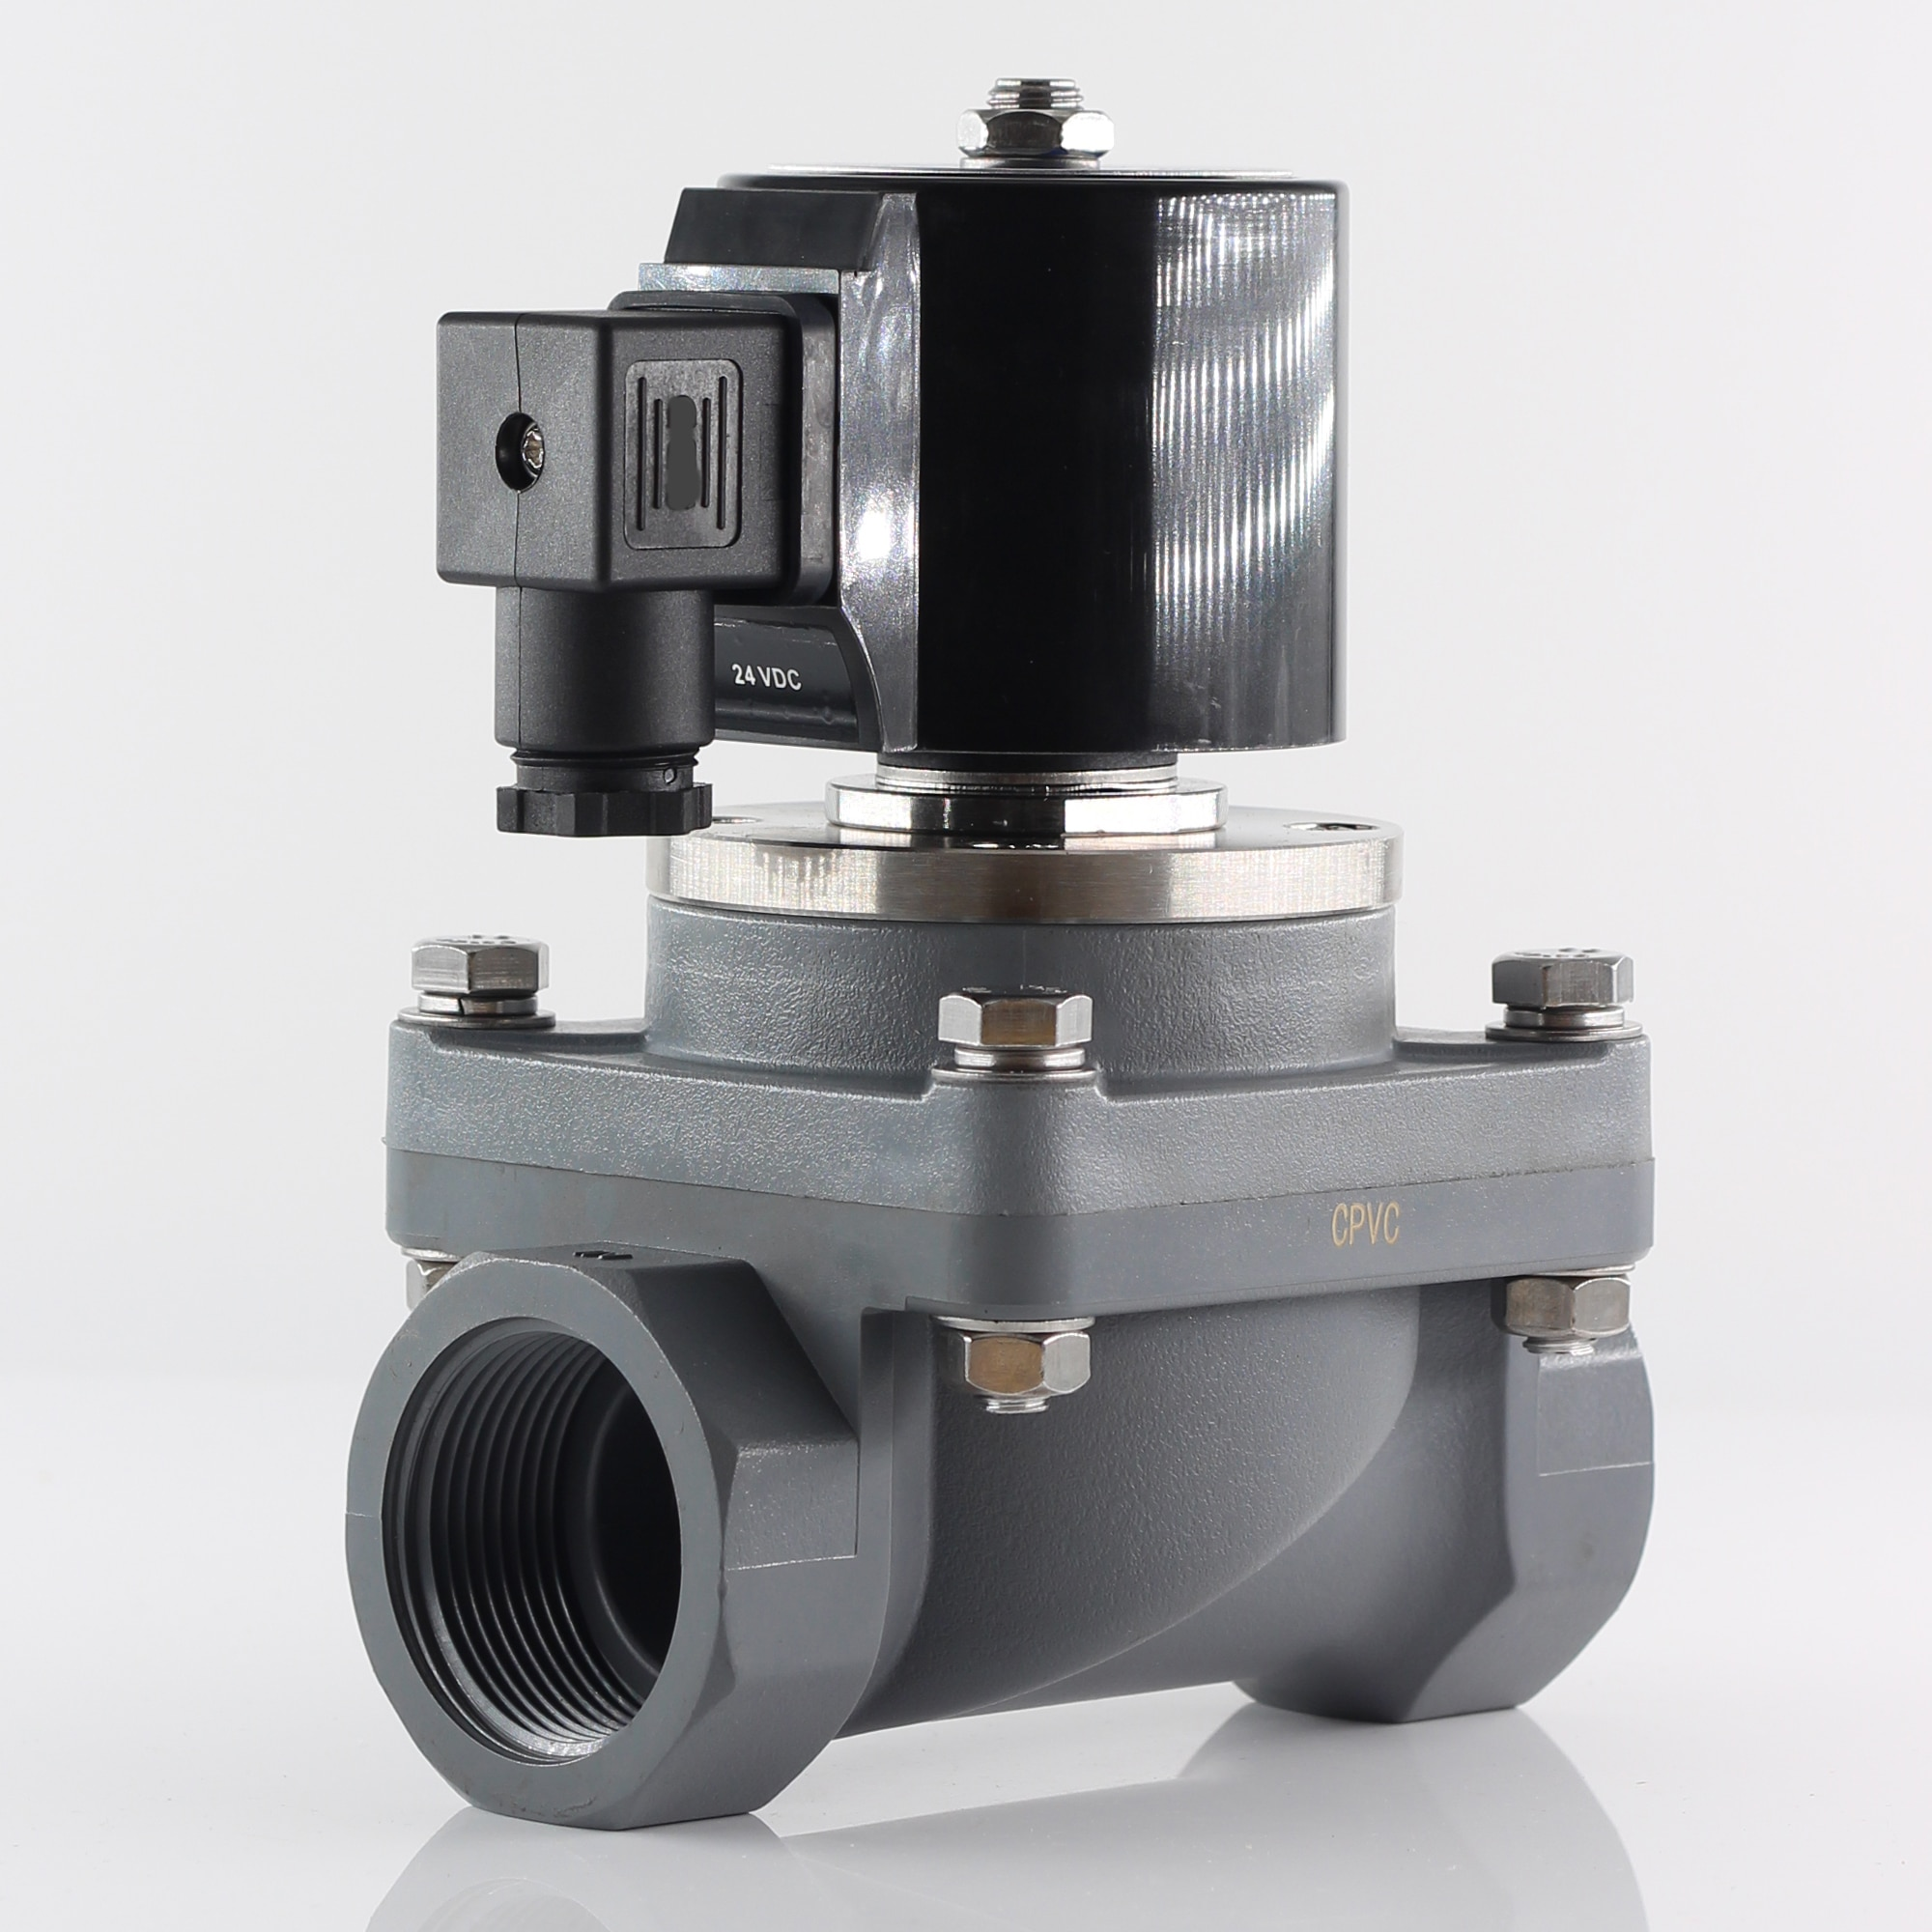 G или NPT N.C антикоррозийный электромагнитный клапан, переменный ток 220 В 110 В, диафрагменный управляемый клапан, постоянный ток 24 В DN15 ~ DN50 для к...